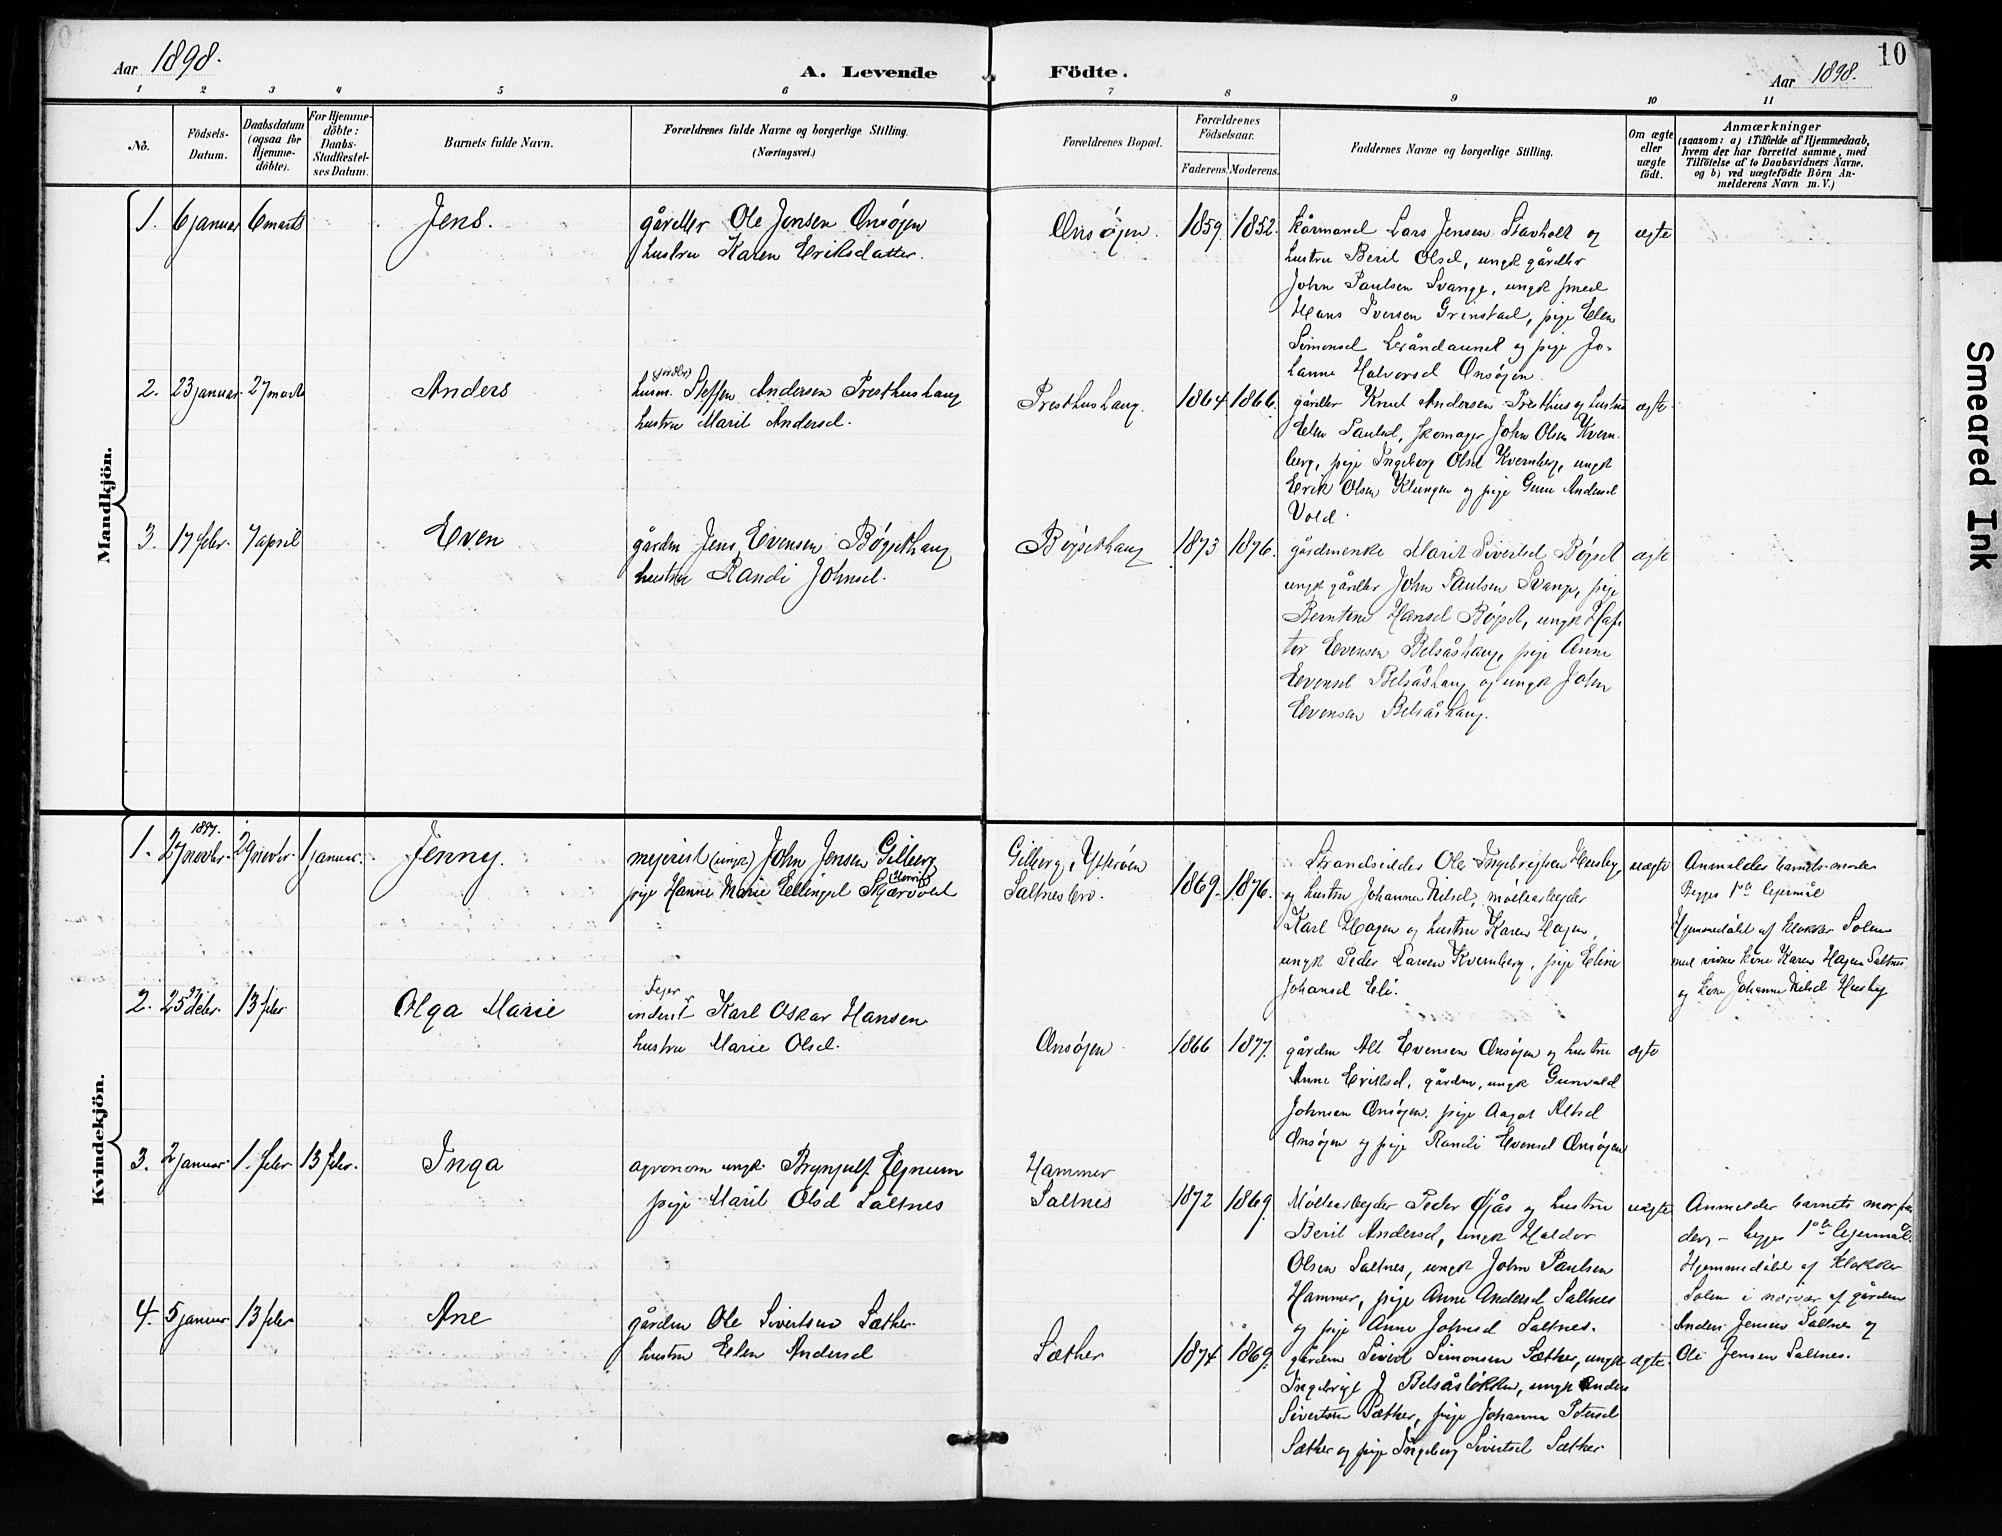 SAT, Ministerialprotokoller, klokkerbøker og fødselsregistre - Sør-Trøndelag, 666/L0787: Ministerialbok nr. 666A05, 1895-1908, s. 10